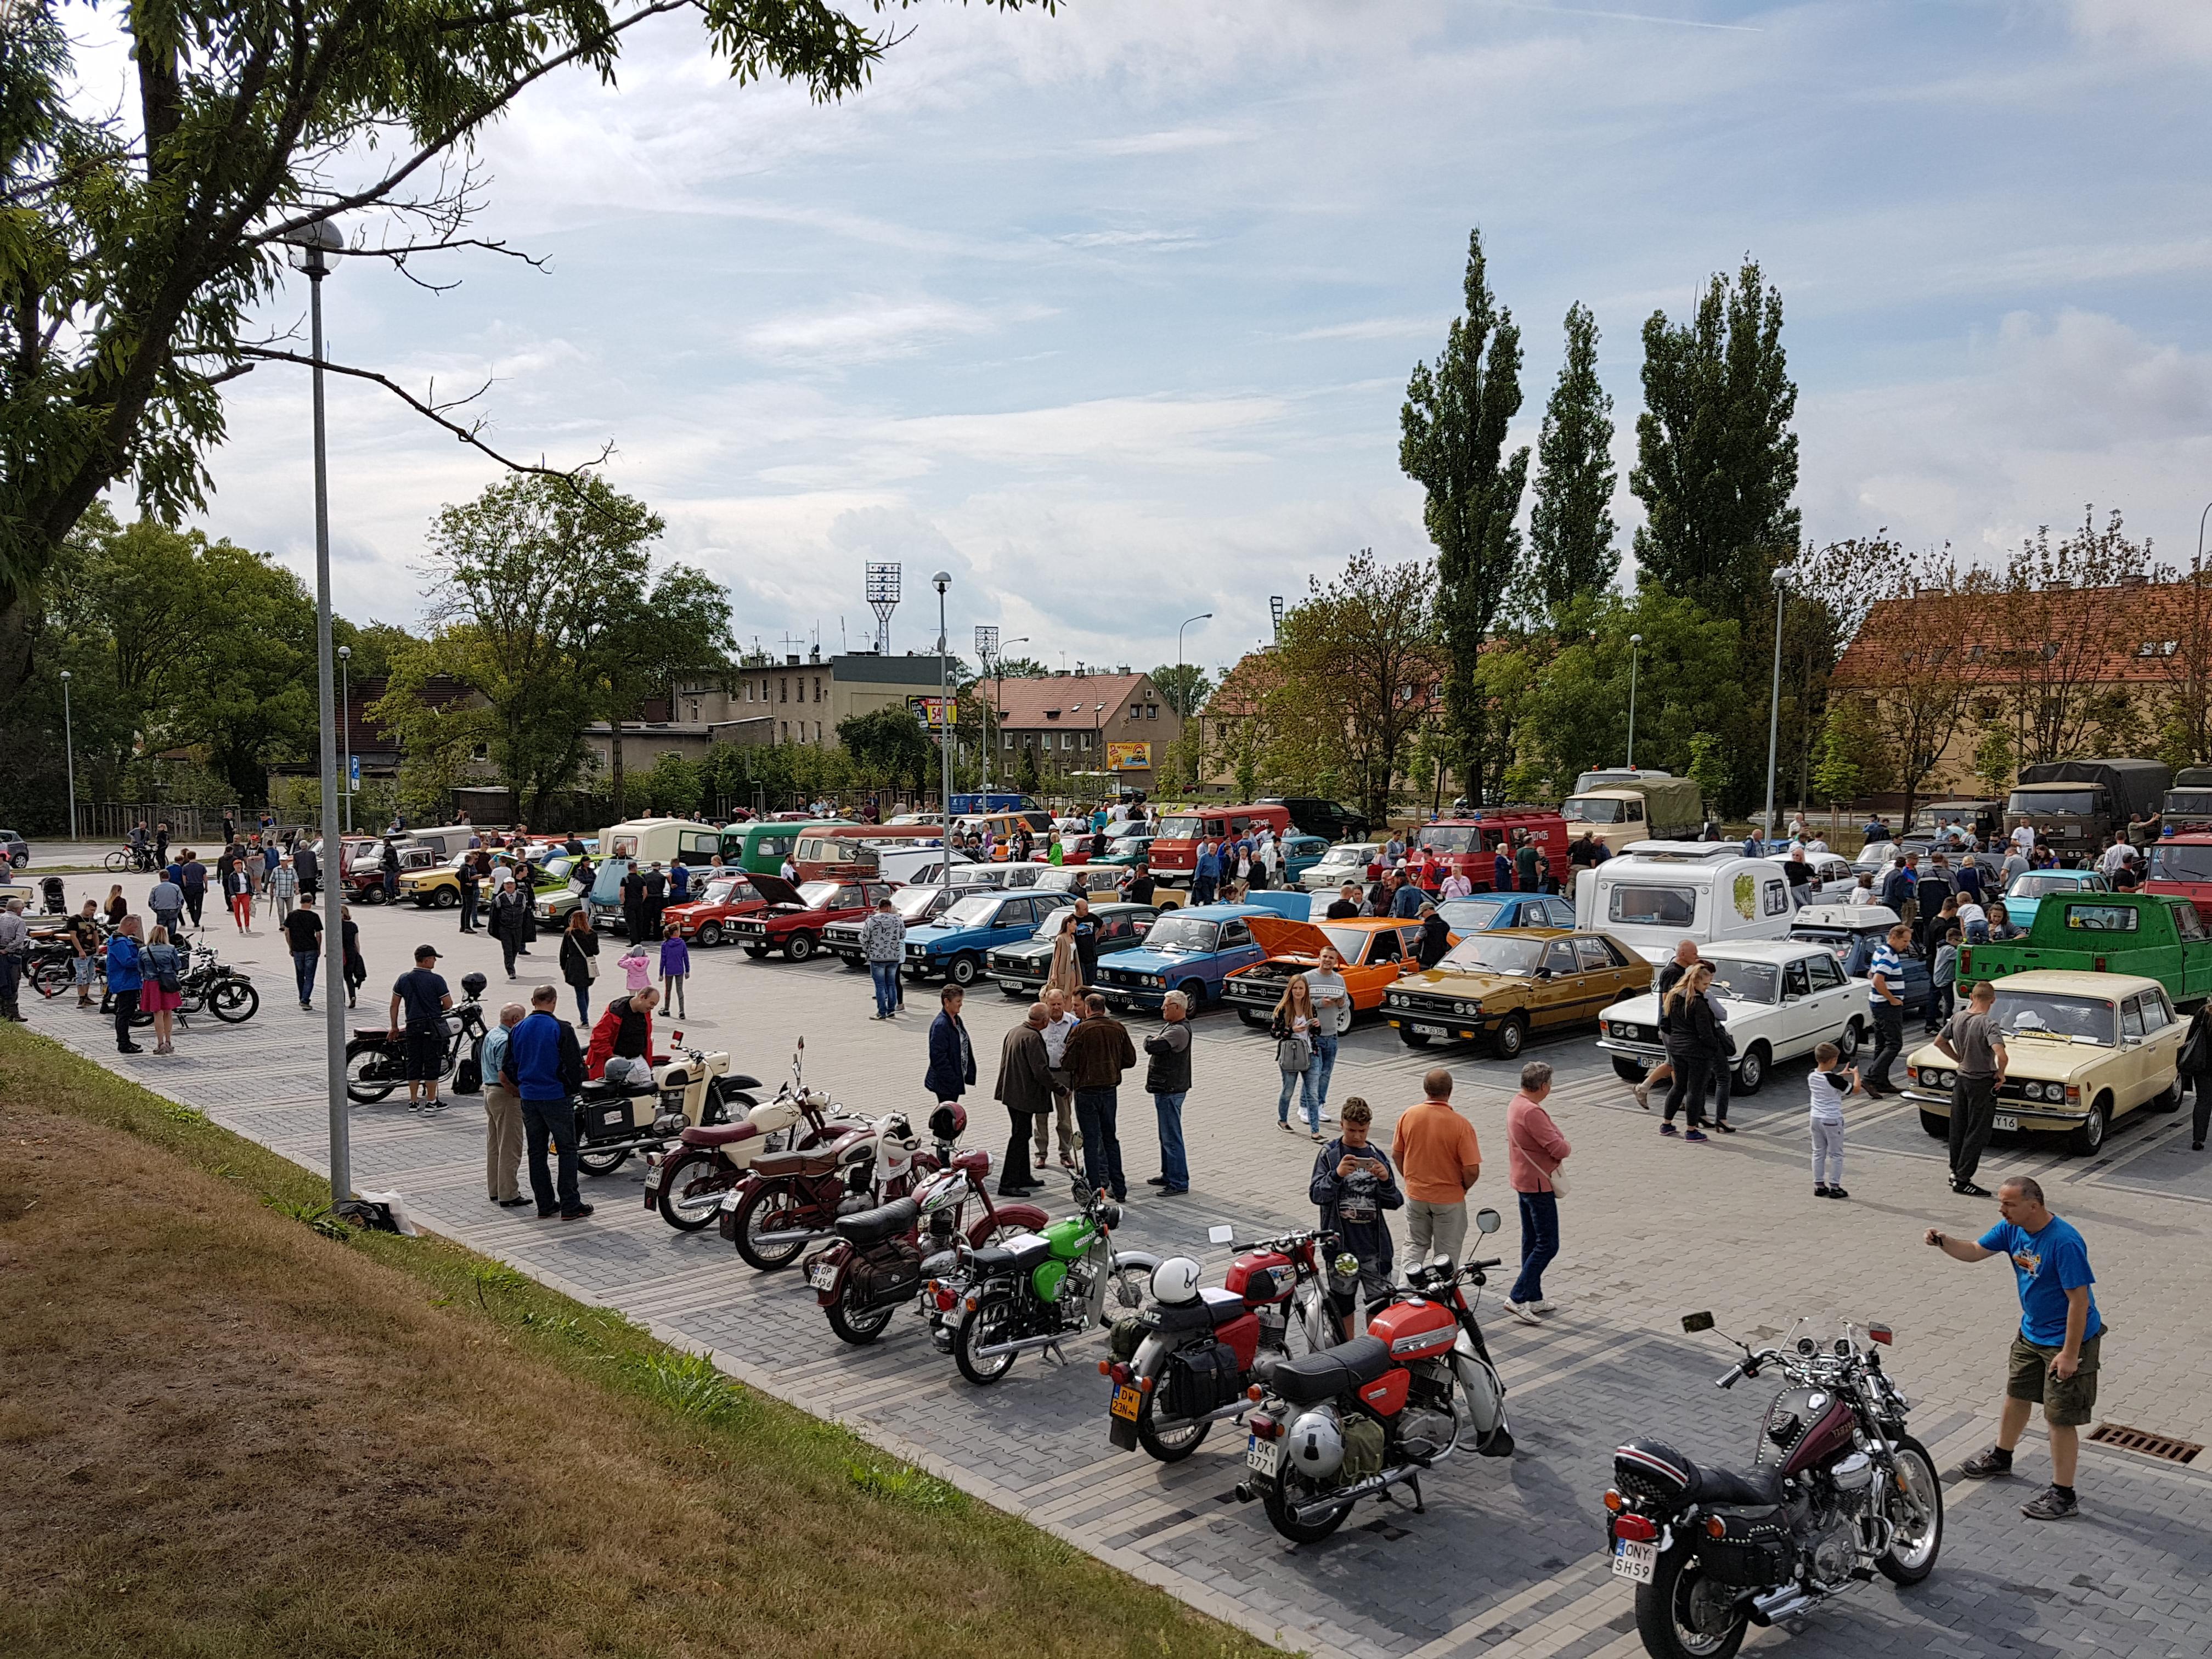 opolski ruch pojazdów zabytkowych